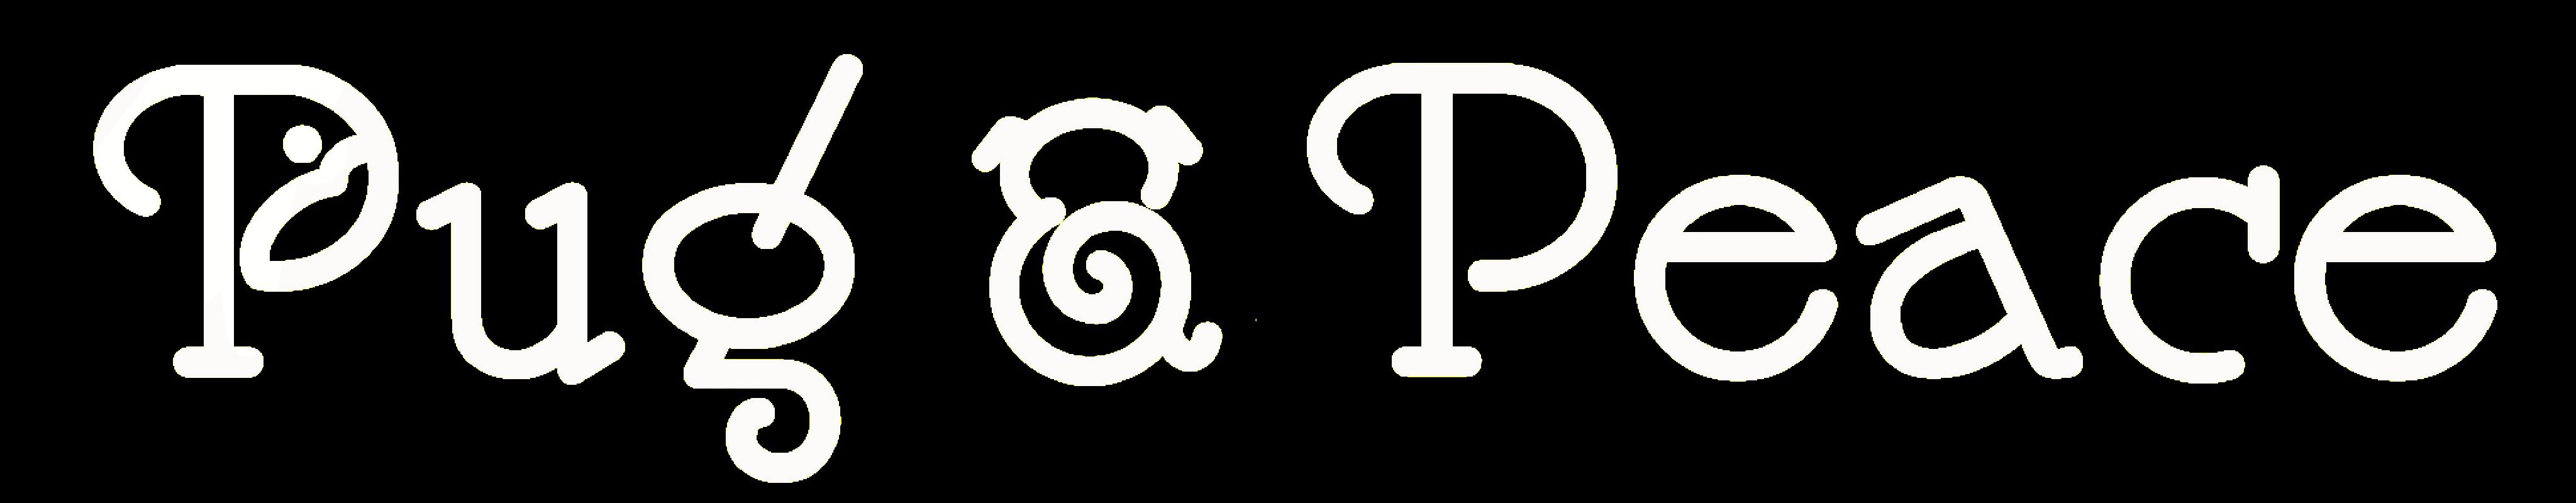 Pug & Peace